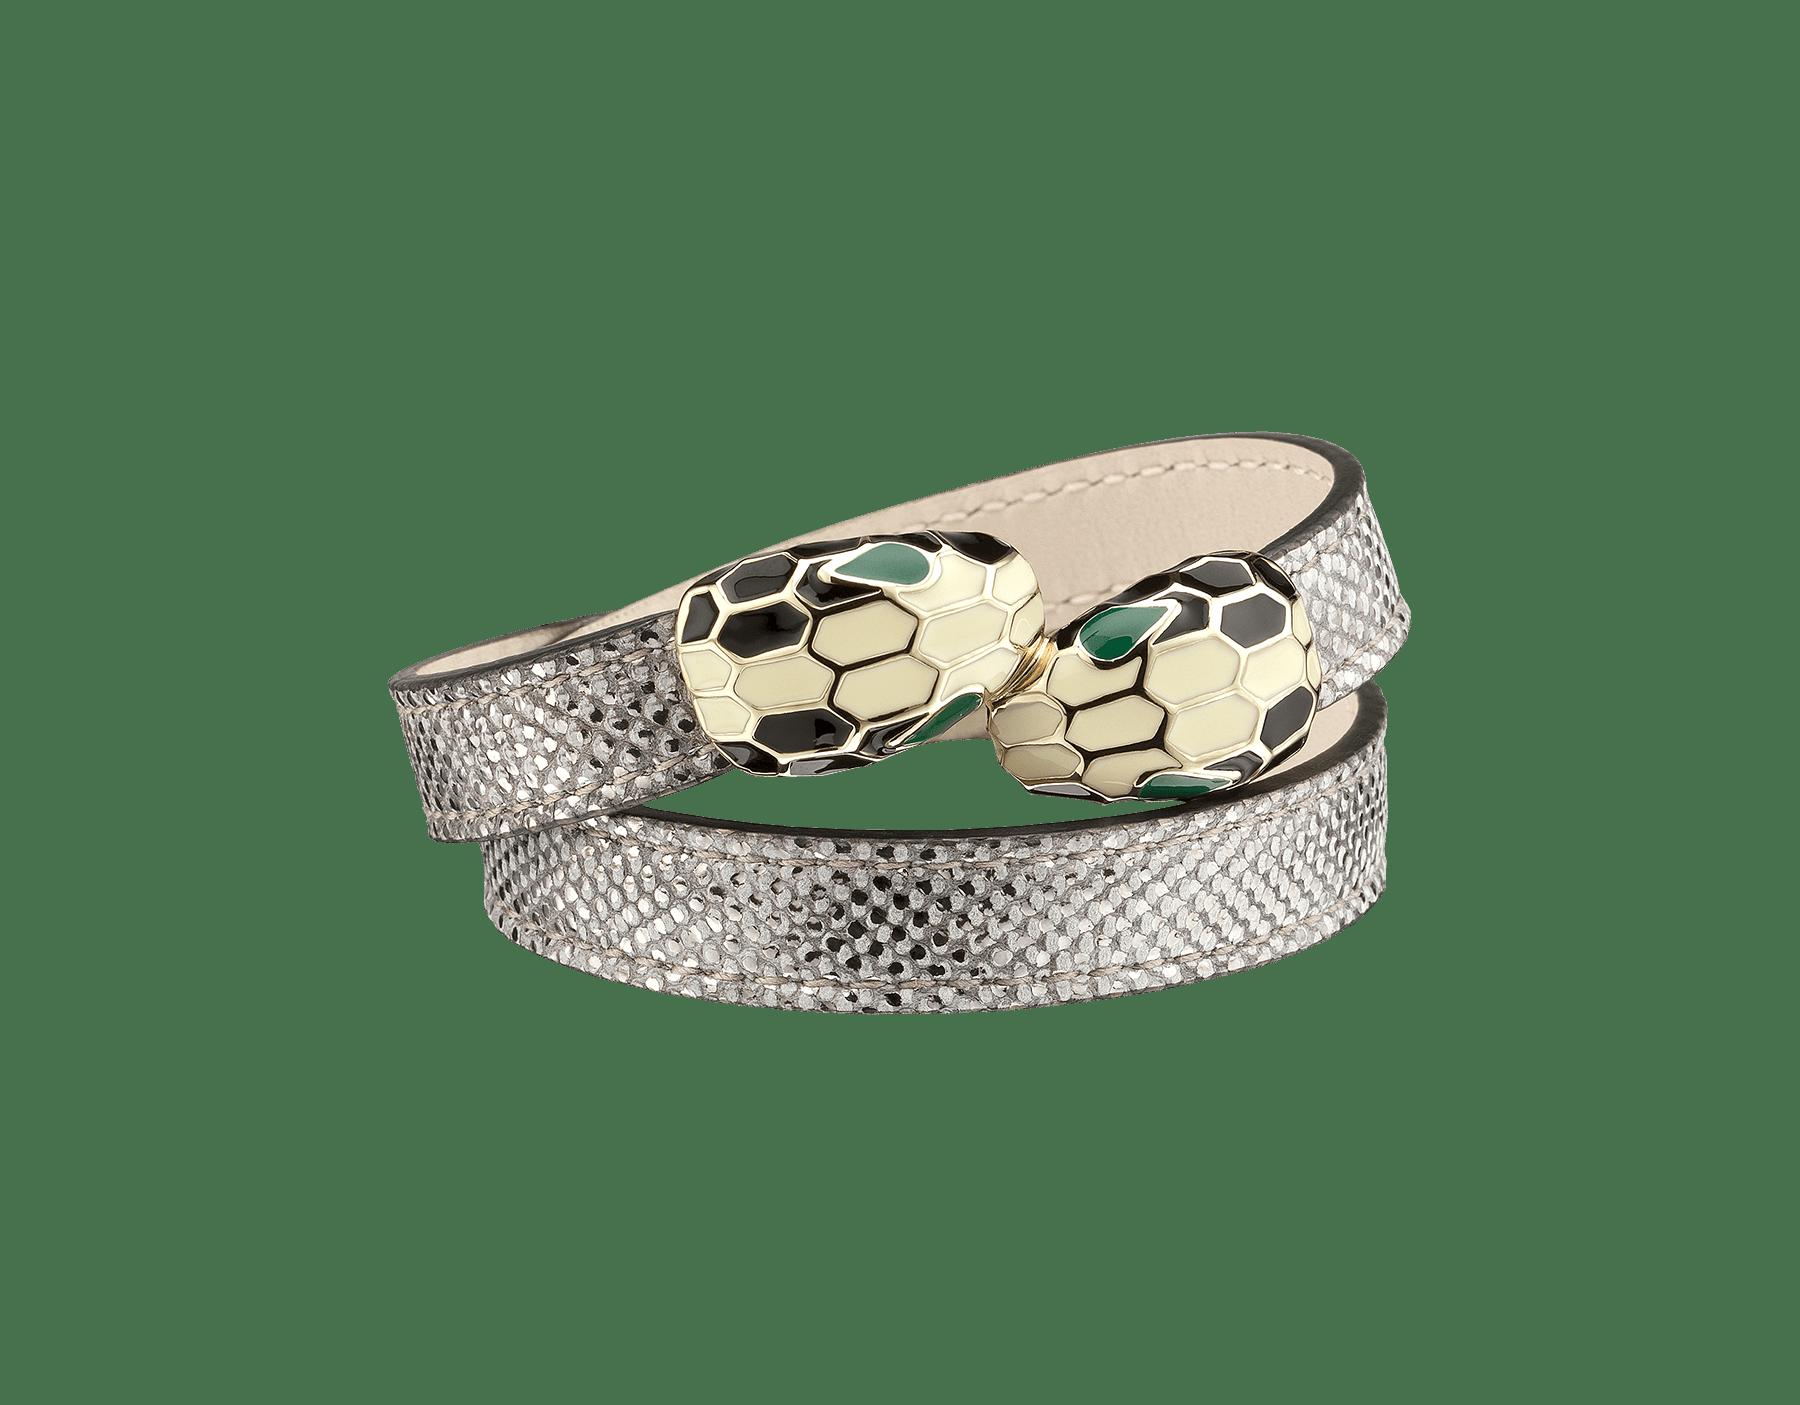 Bracelet multi-tours en karung métallisé couleur argent. Fermoir double Serpenti emblématique en laiton doré et émail noir et blanc avec yeux en émail vert. MCSerp-MK-S image 1